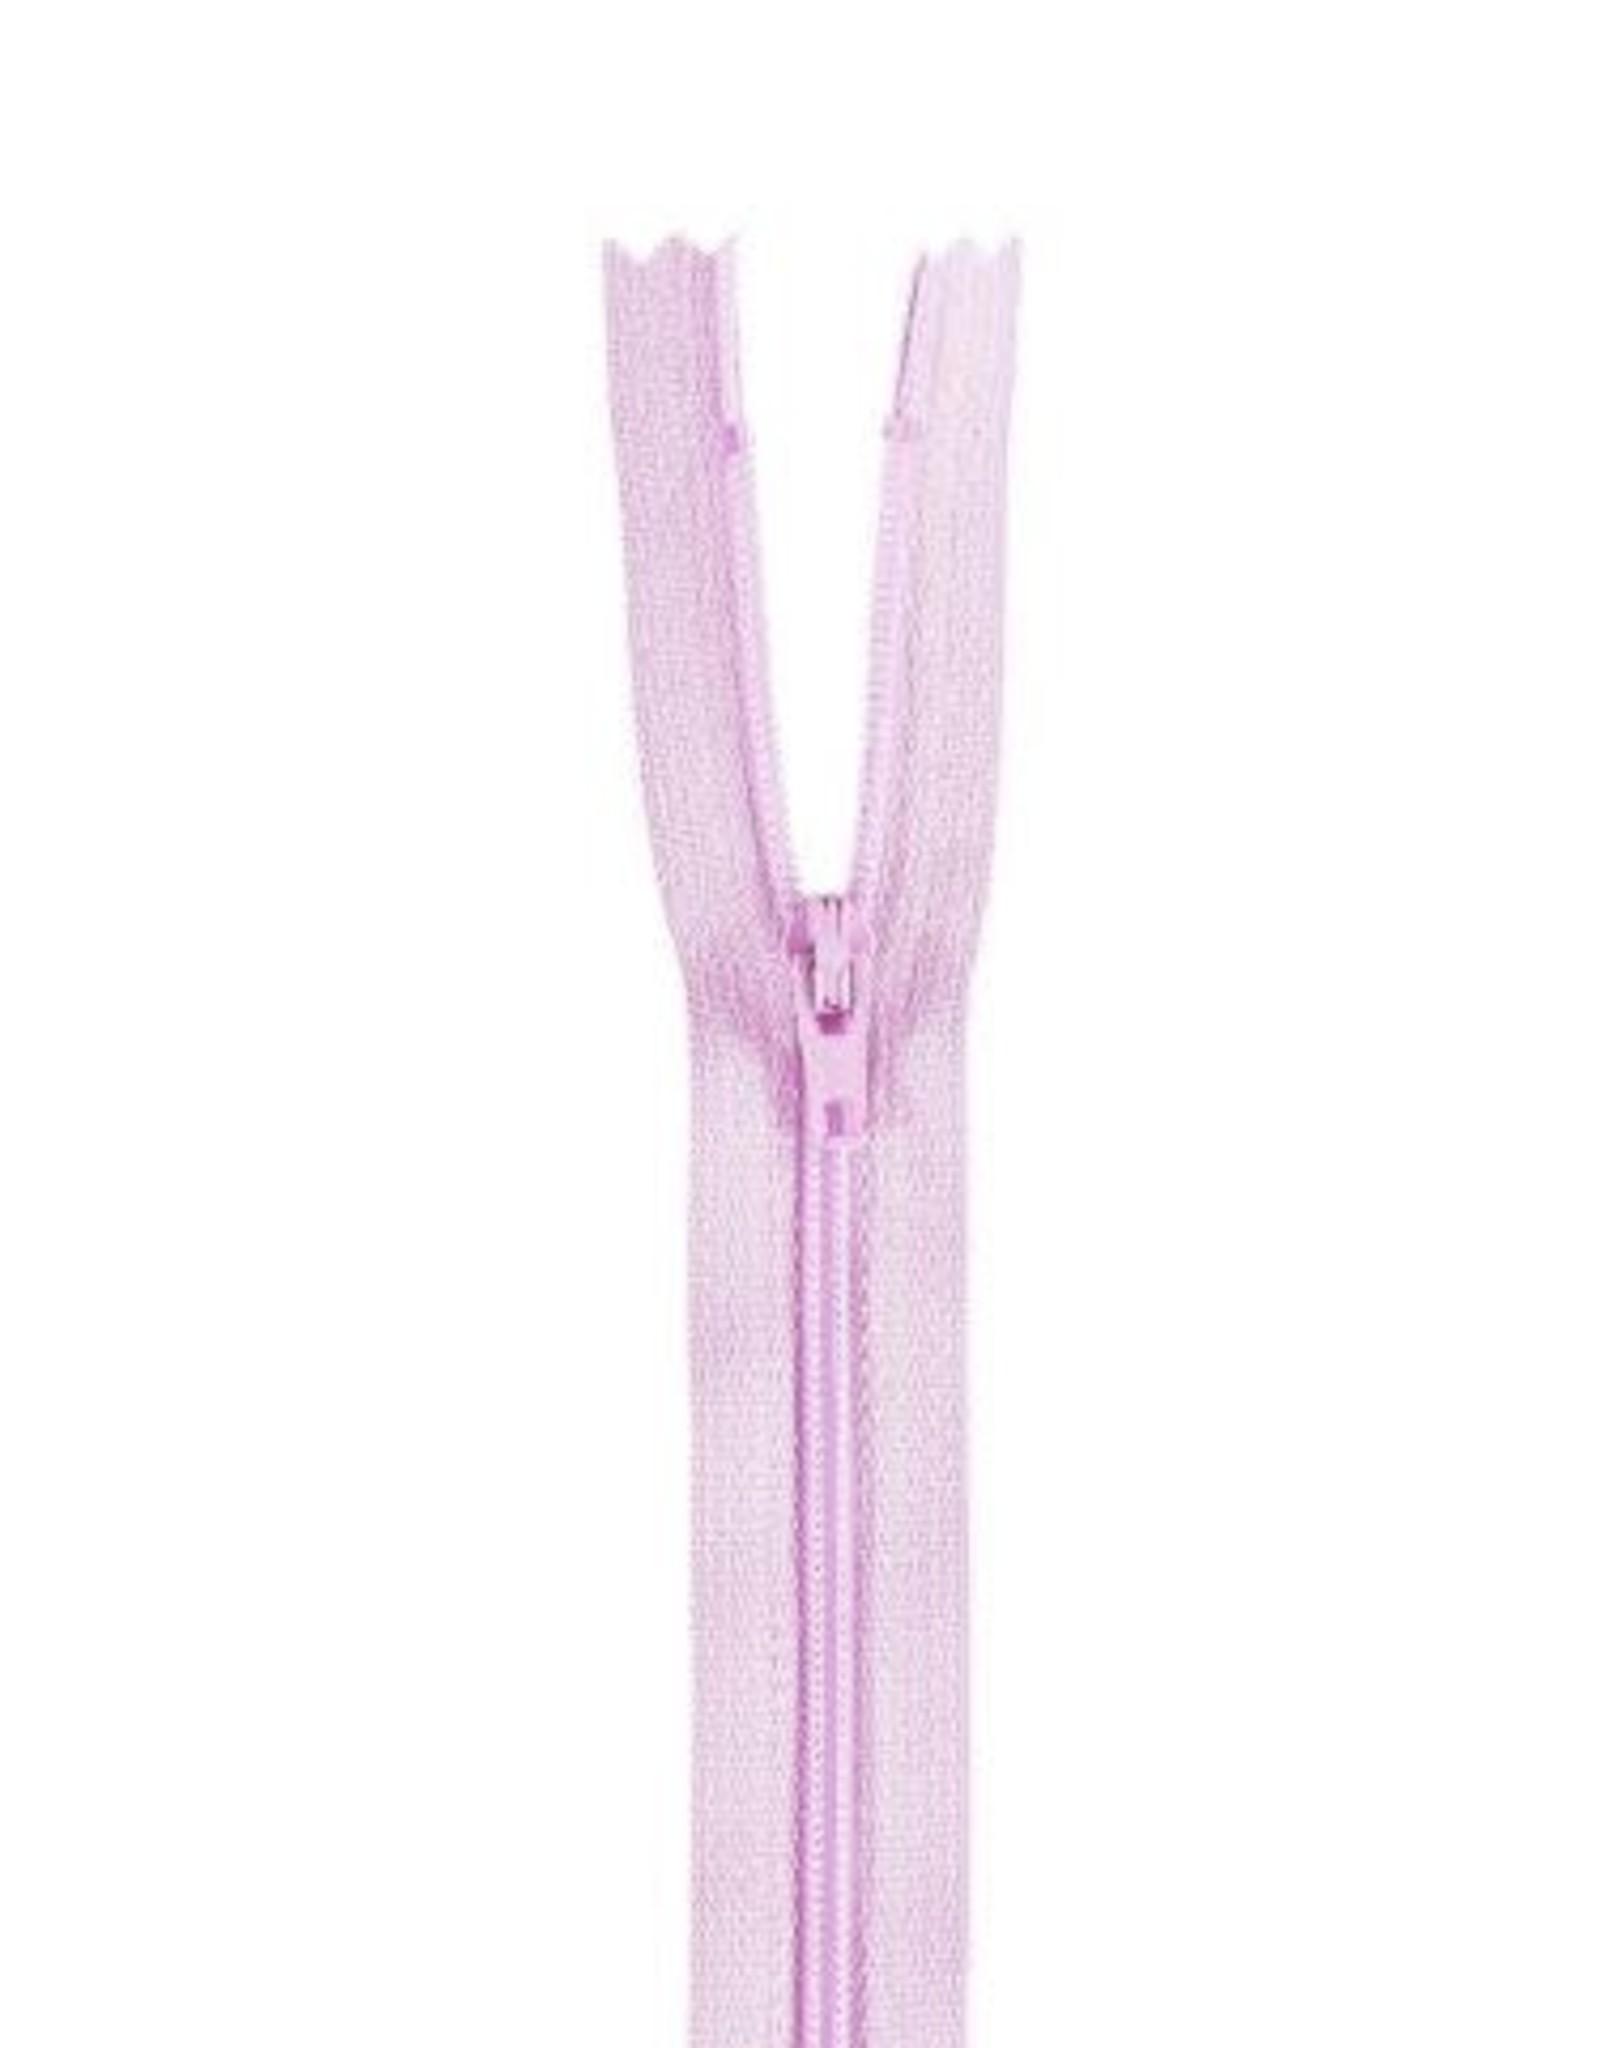 YKK Spiraalrits niet-DB 3mm licht roze paars 068-25cm